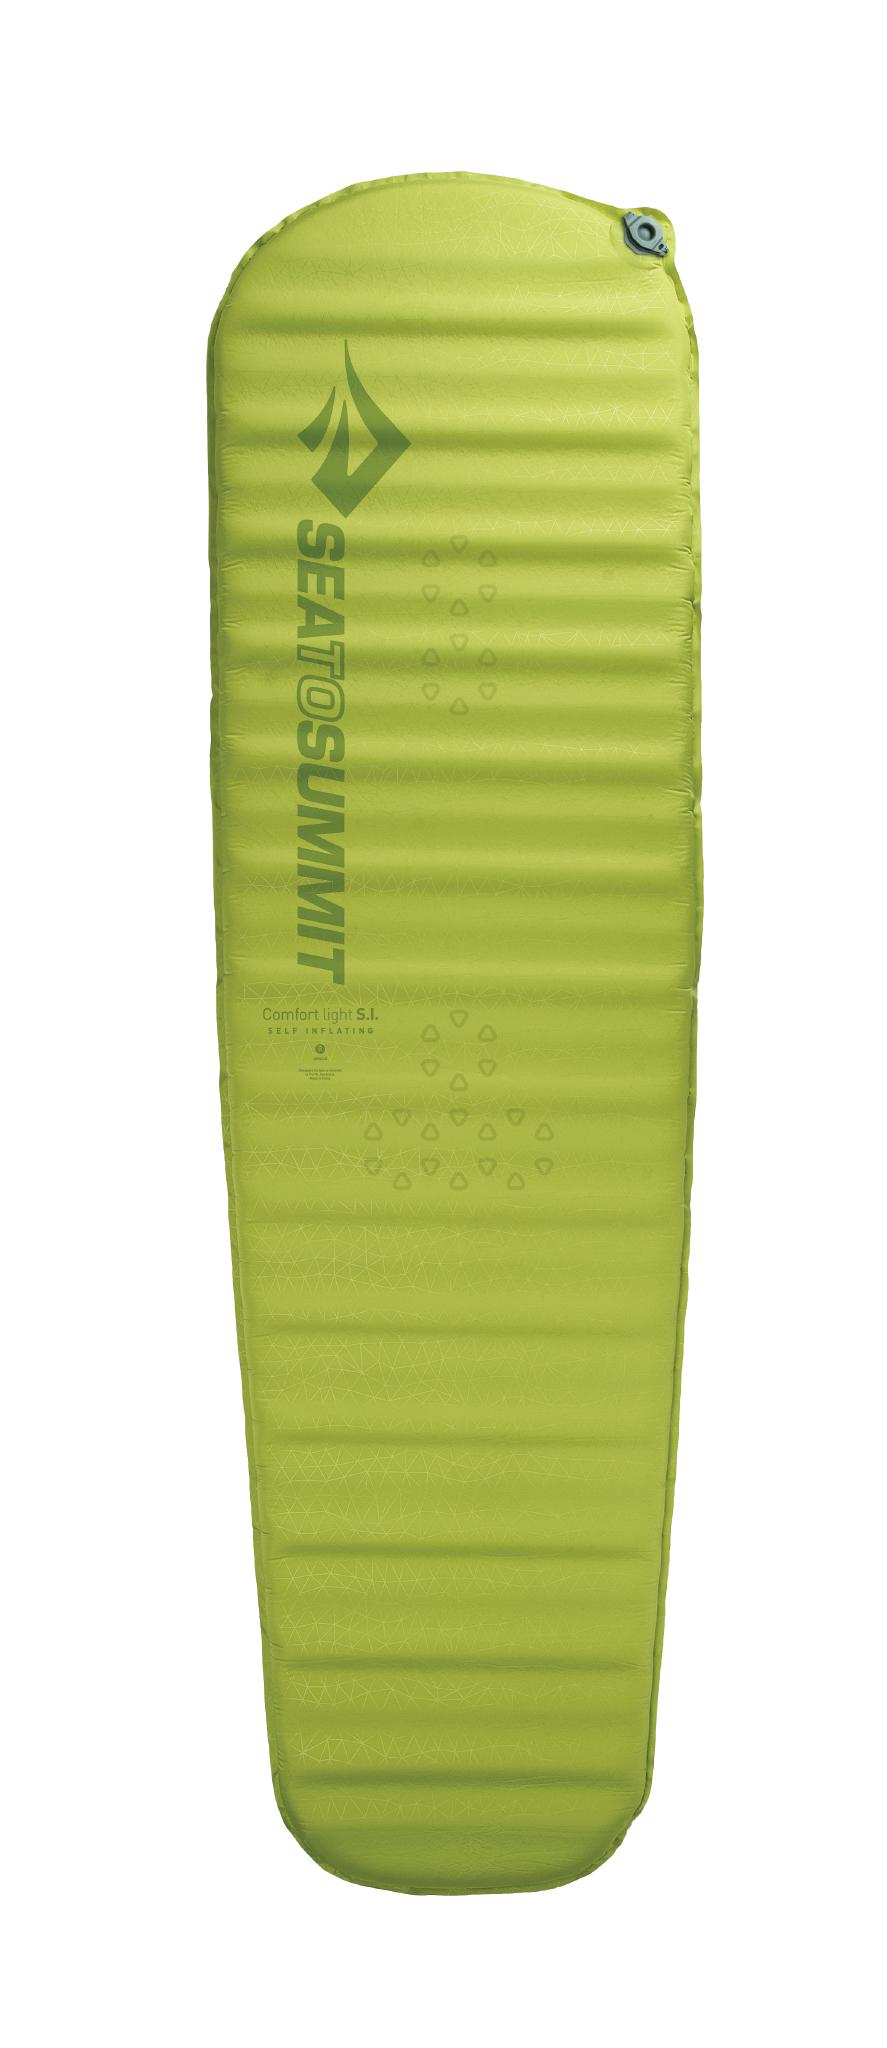 Billede af Seatosummit Self Inflating Comfort Light Regular Grøn